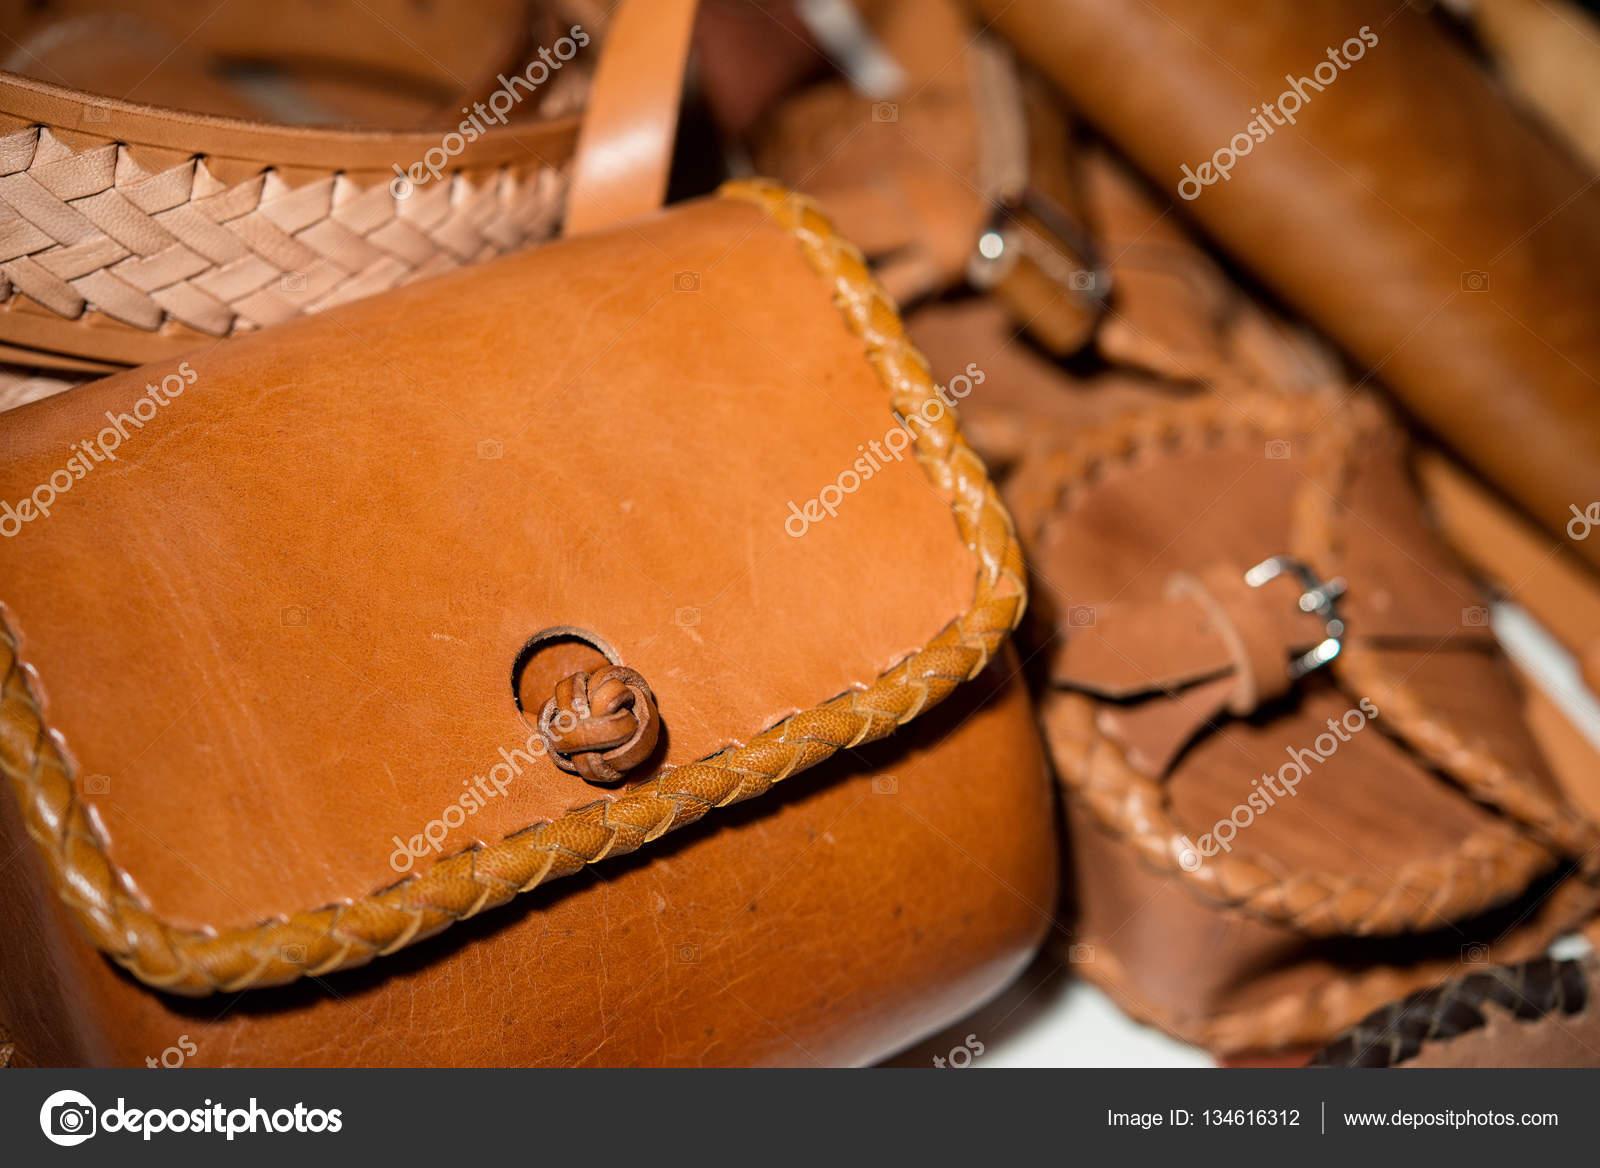 numerosi in varietà a disposizione online qui Borsa in pelle marrone e una cintura intrecciata a mano ...